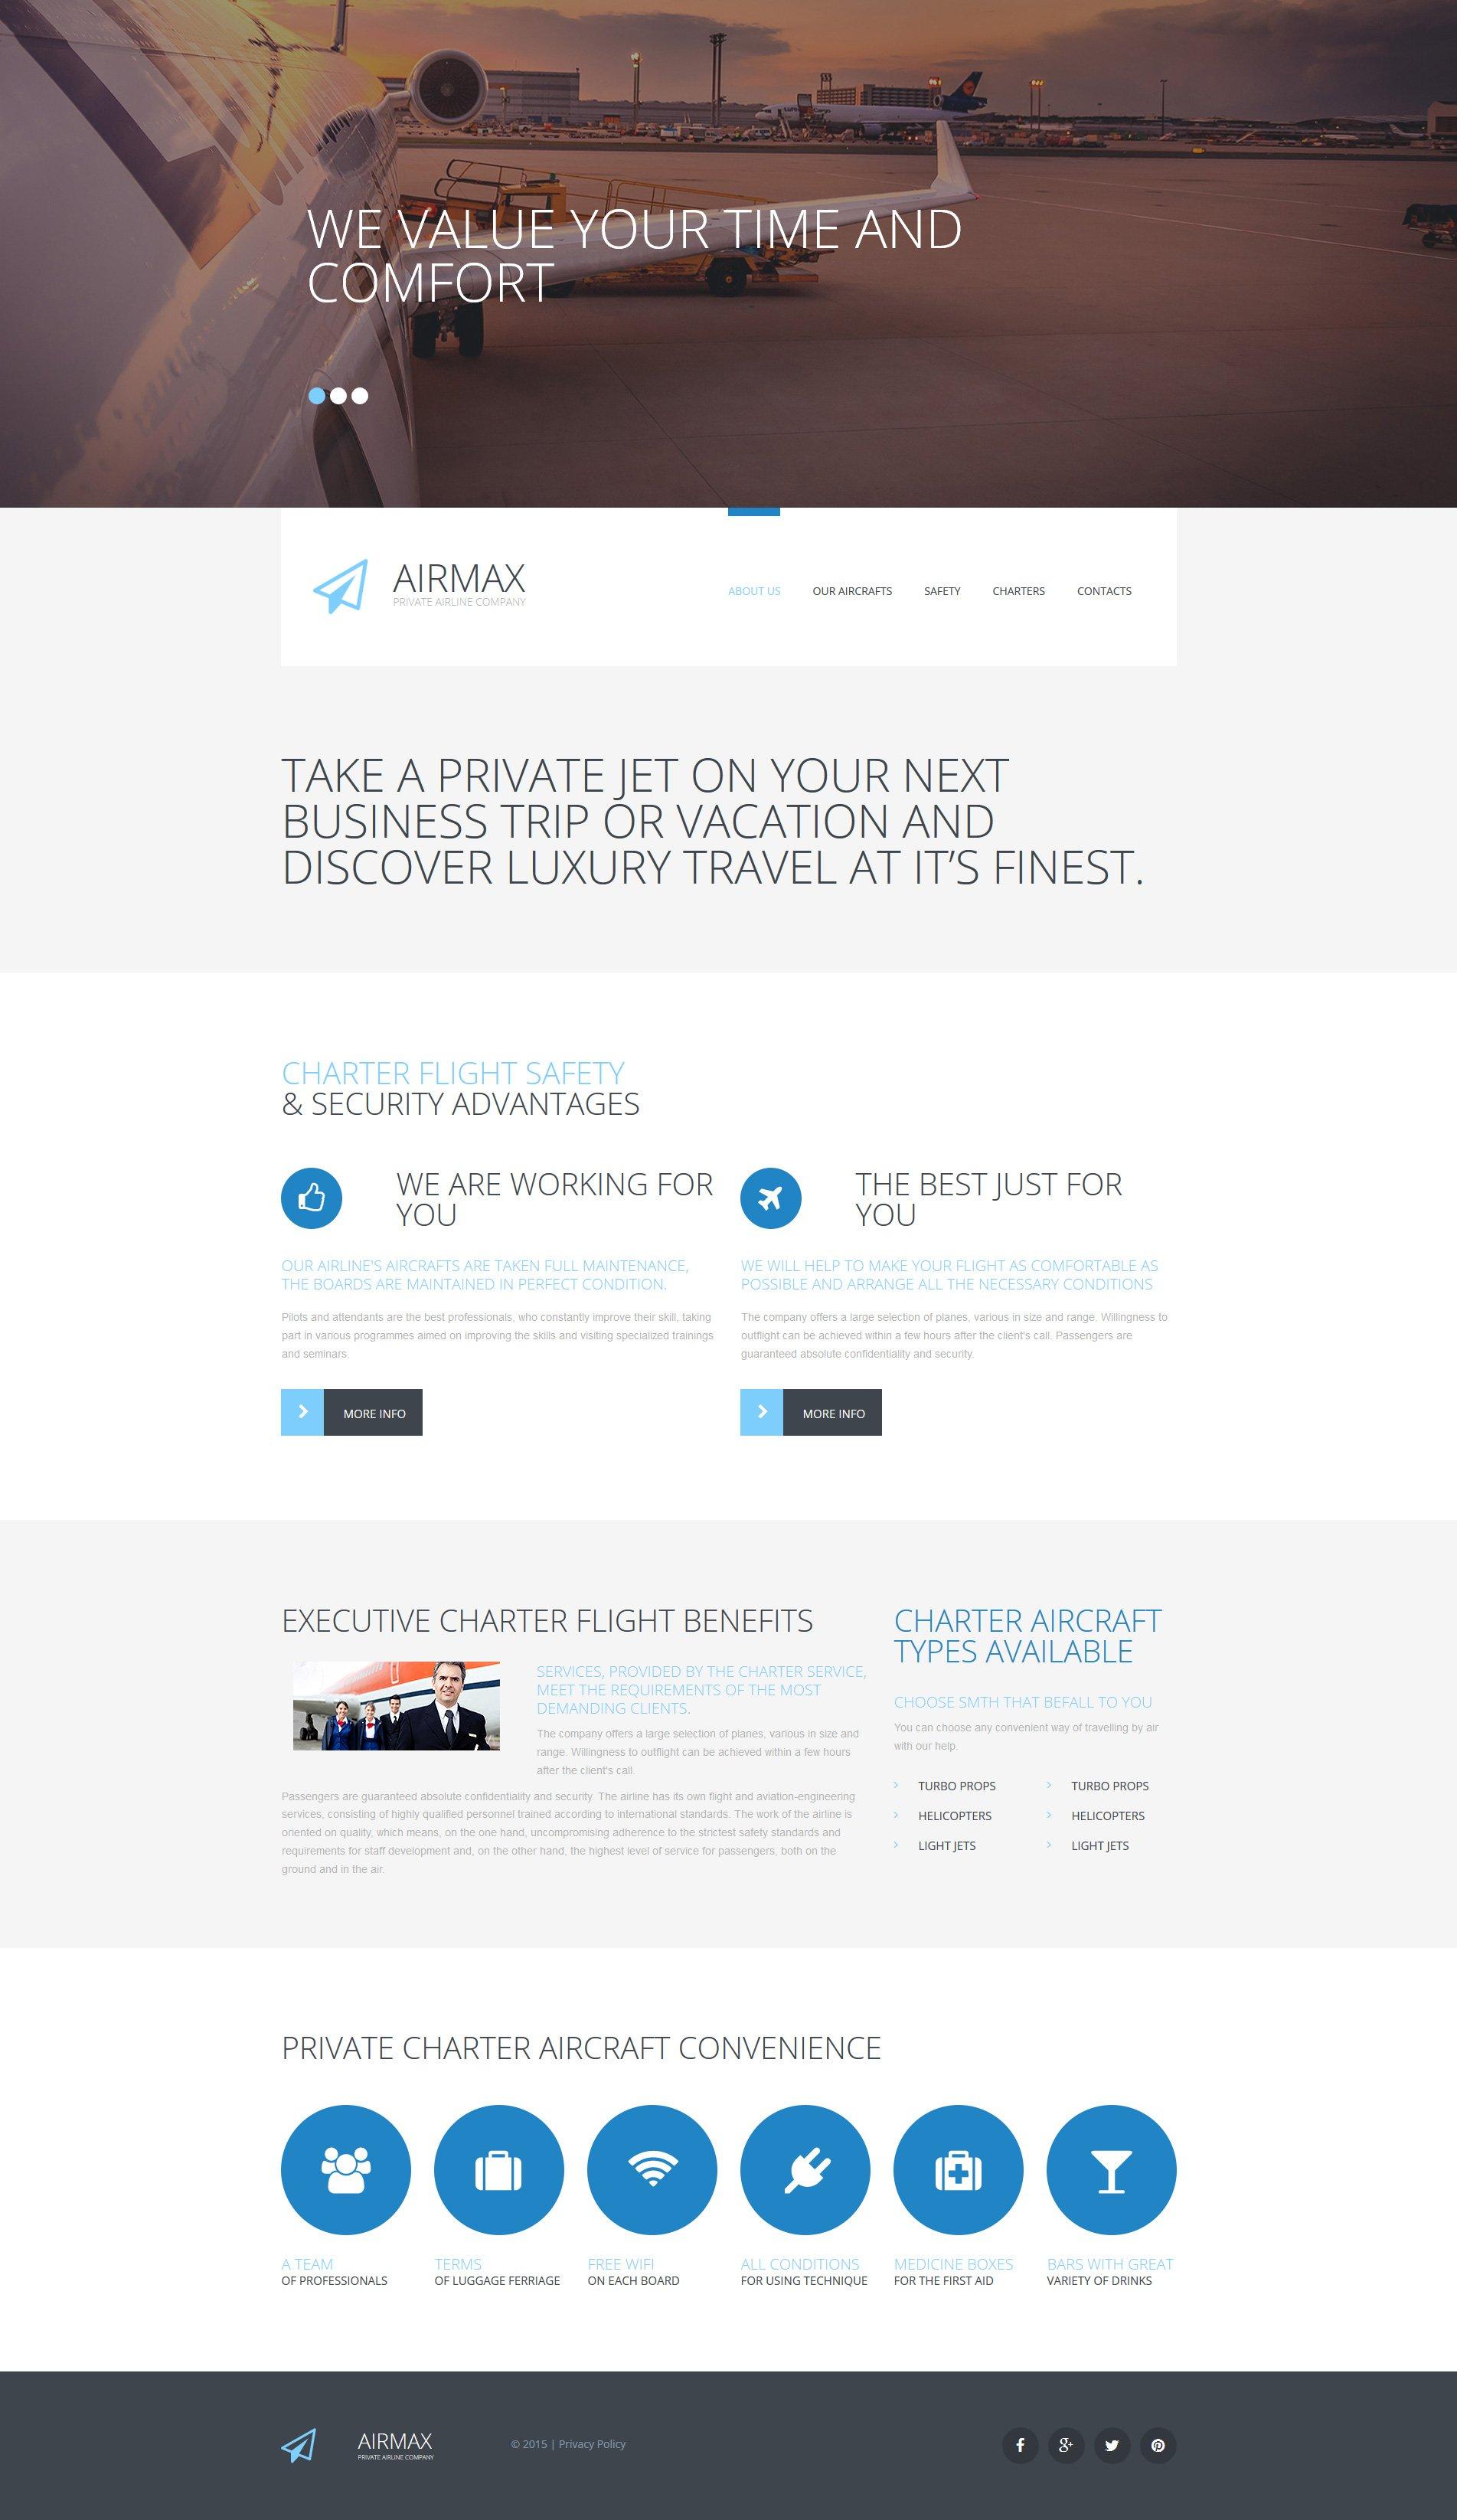 Modèle Moto CMS 3 adaptatif pour site de ligne aérienne privée #55634 - screenshot